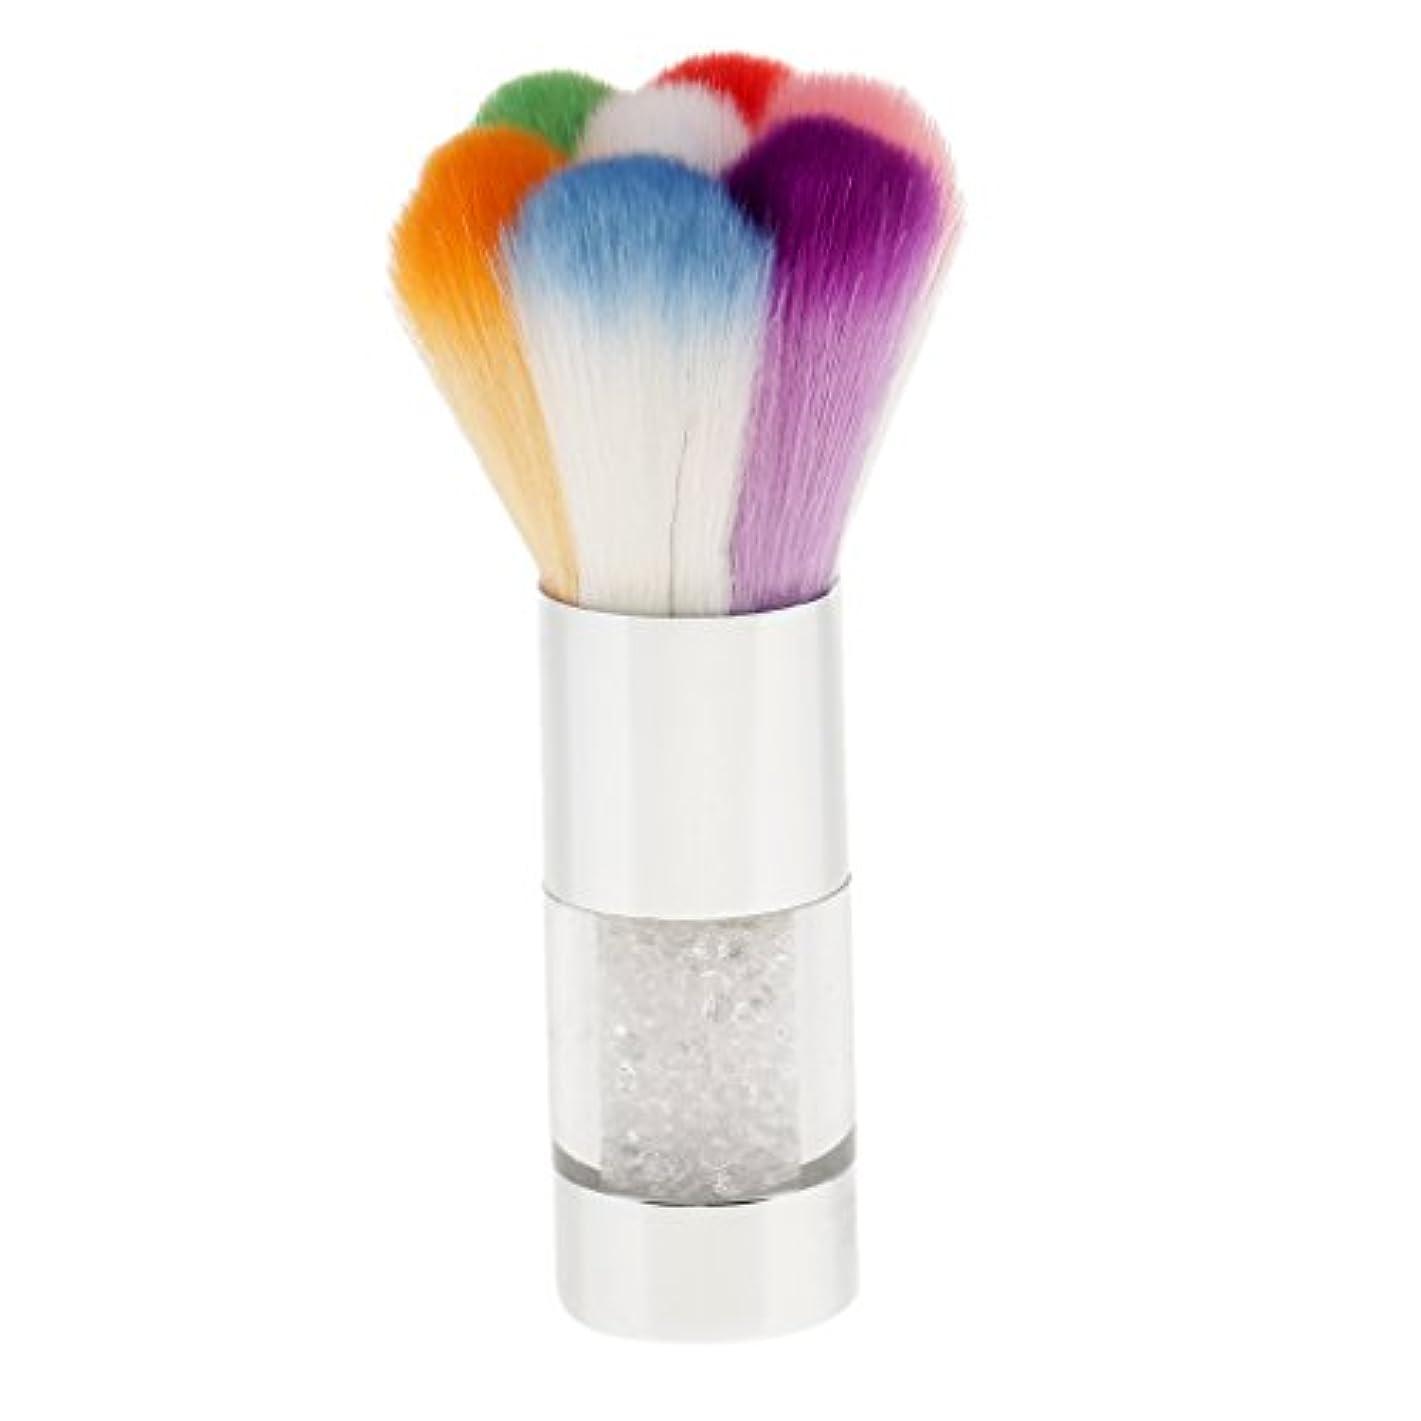 背が高いマーケティング範囲T TOOYFUL ふわふわしたカラフルなネイルアートブラシダストクリーナー洗浄UVゲルパウムリムーバー